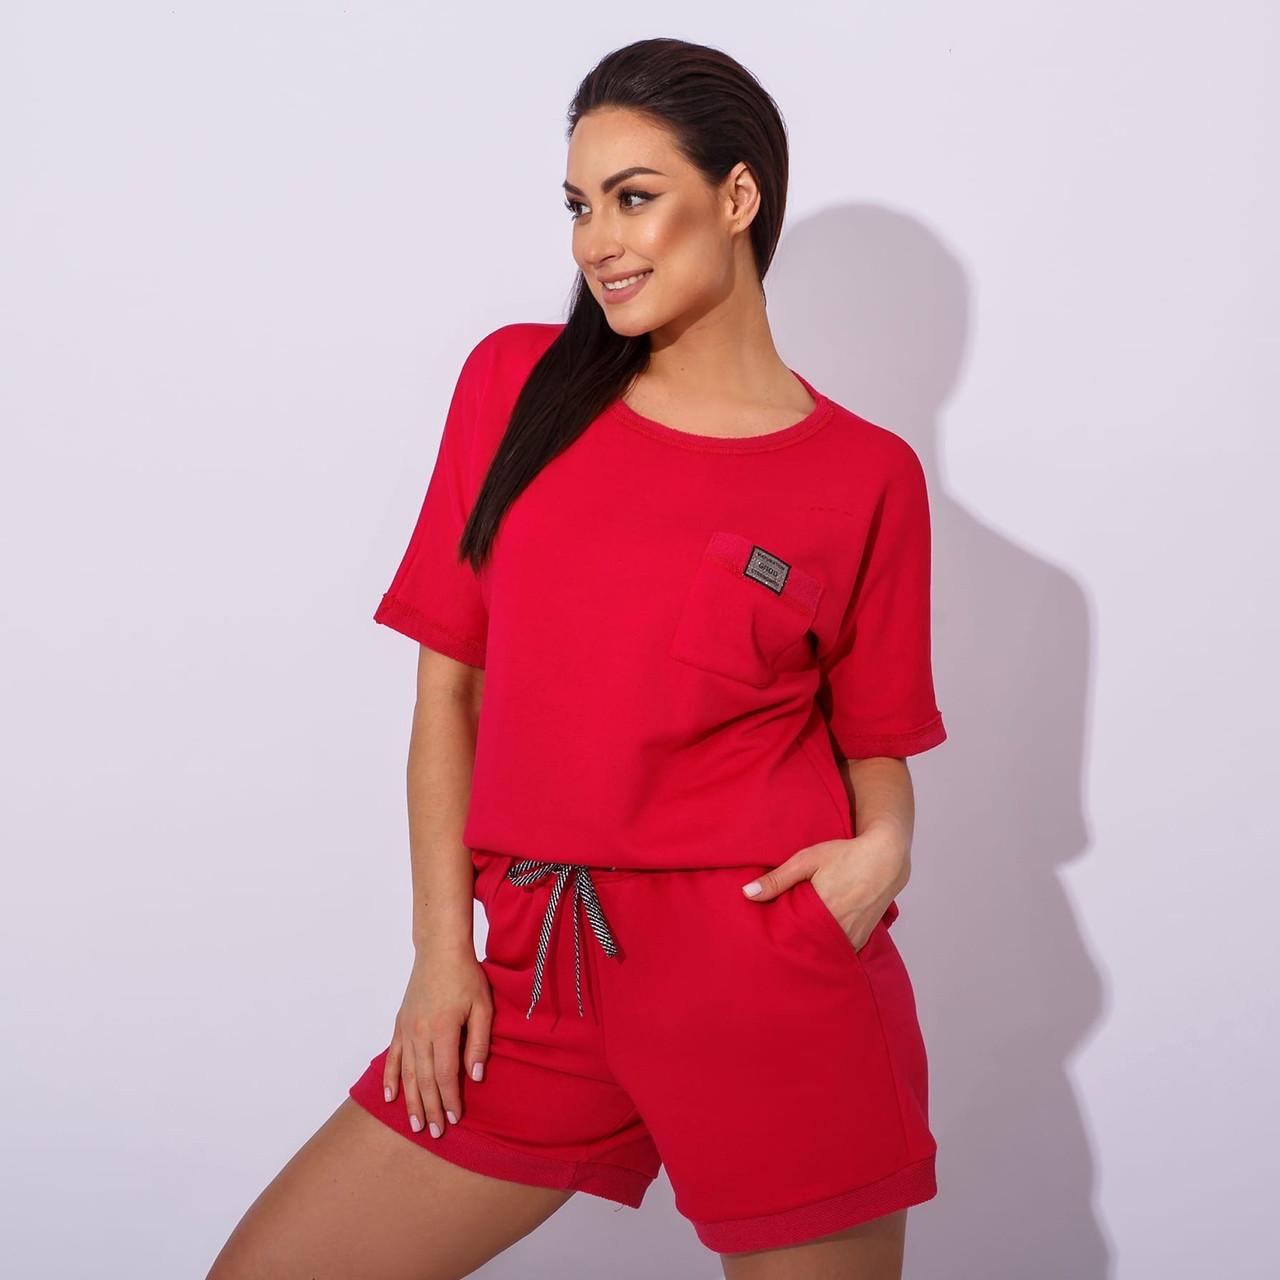 Жіночий літній спортивний костюм з шортами і футболкою в кольорах (Батал)